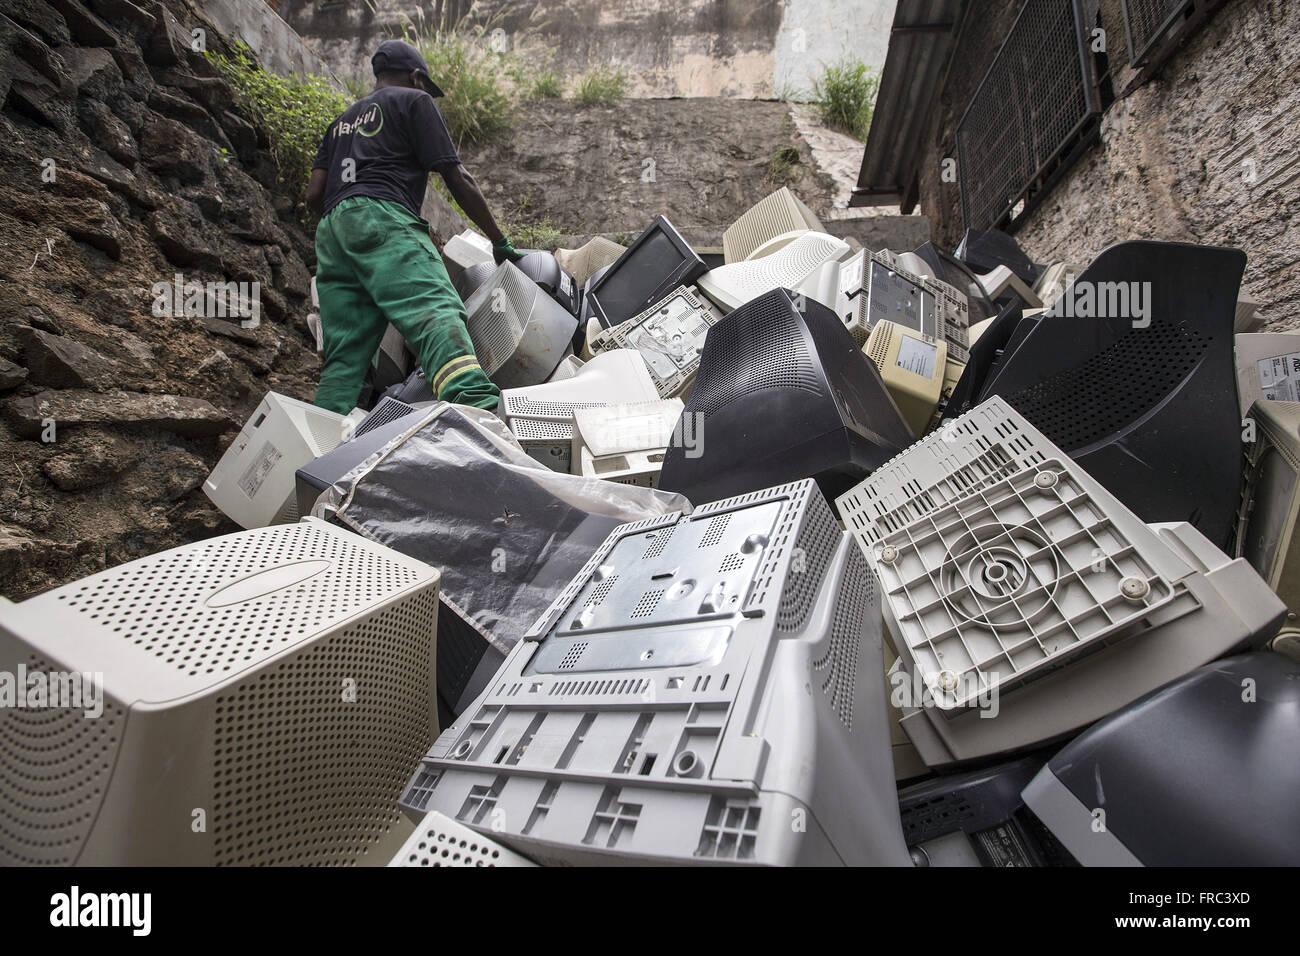 Ong organisation non gouvernementale qu'est la collecte et le recyclage des déchets électroniques Photo Stock